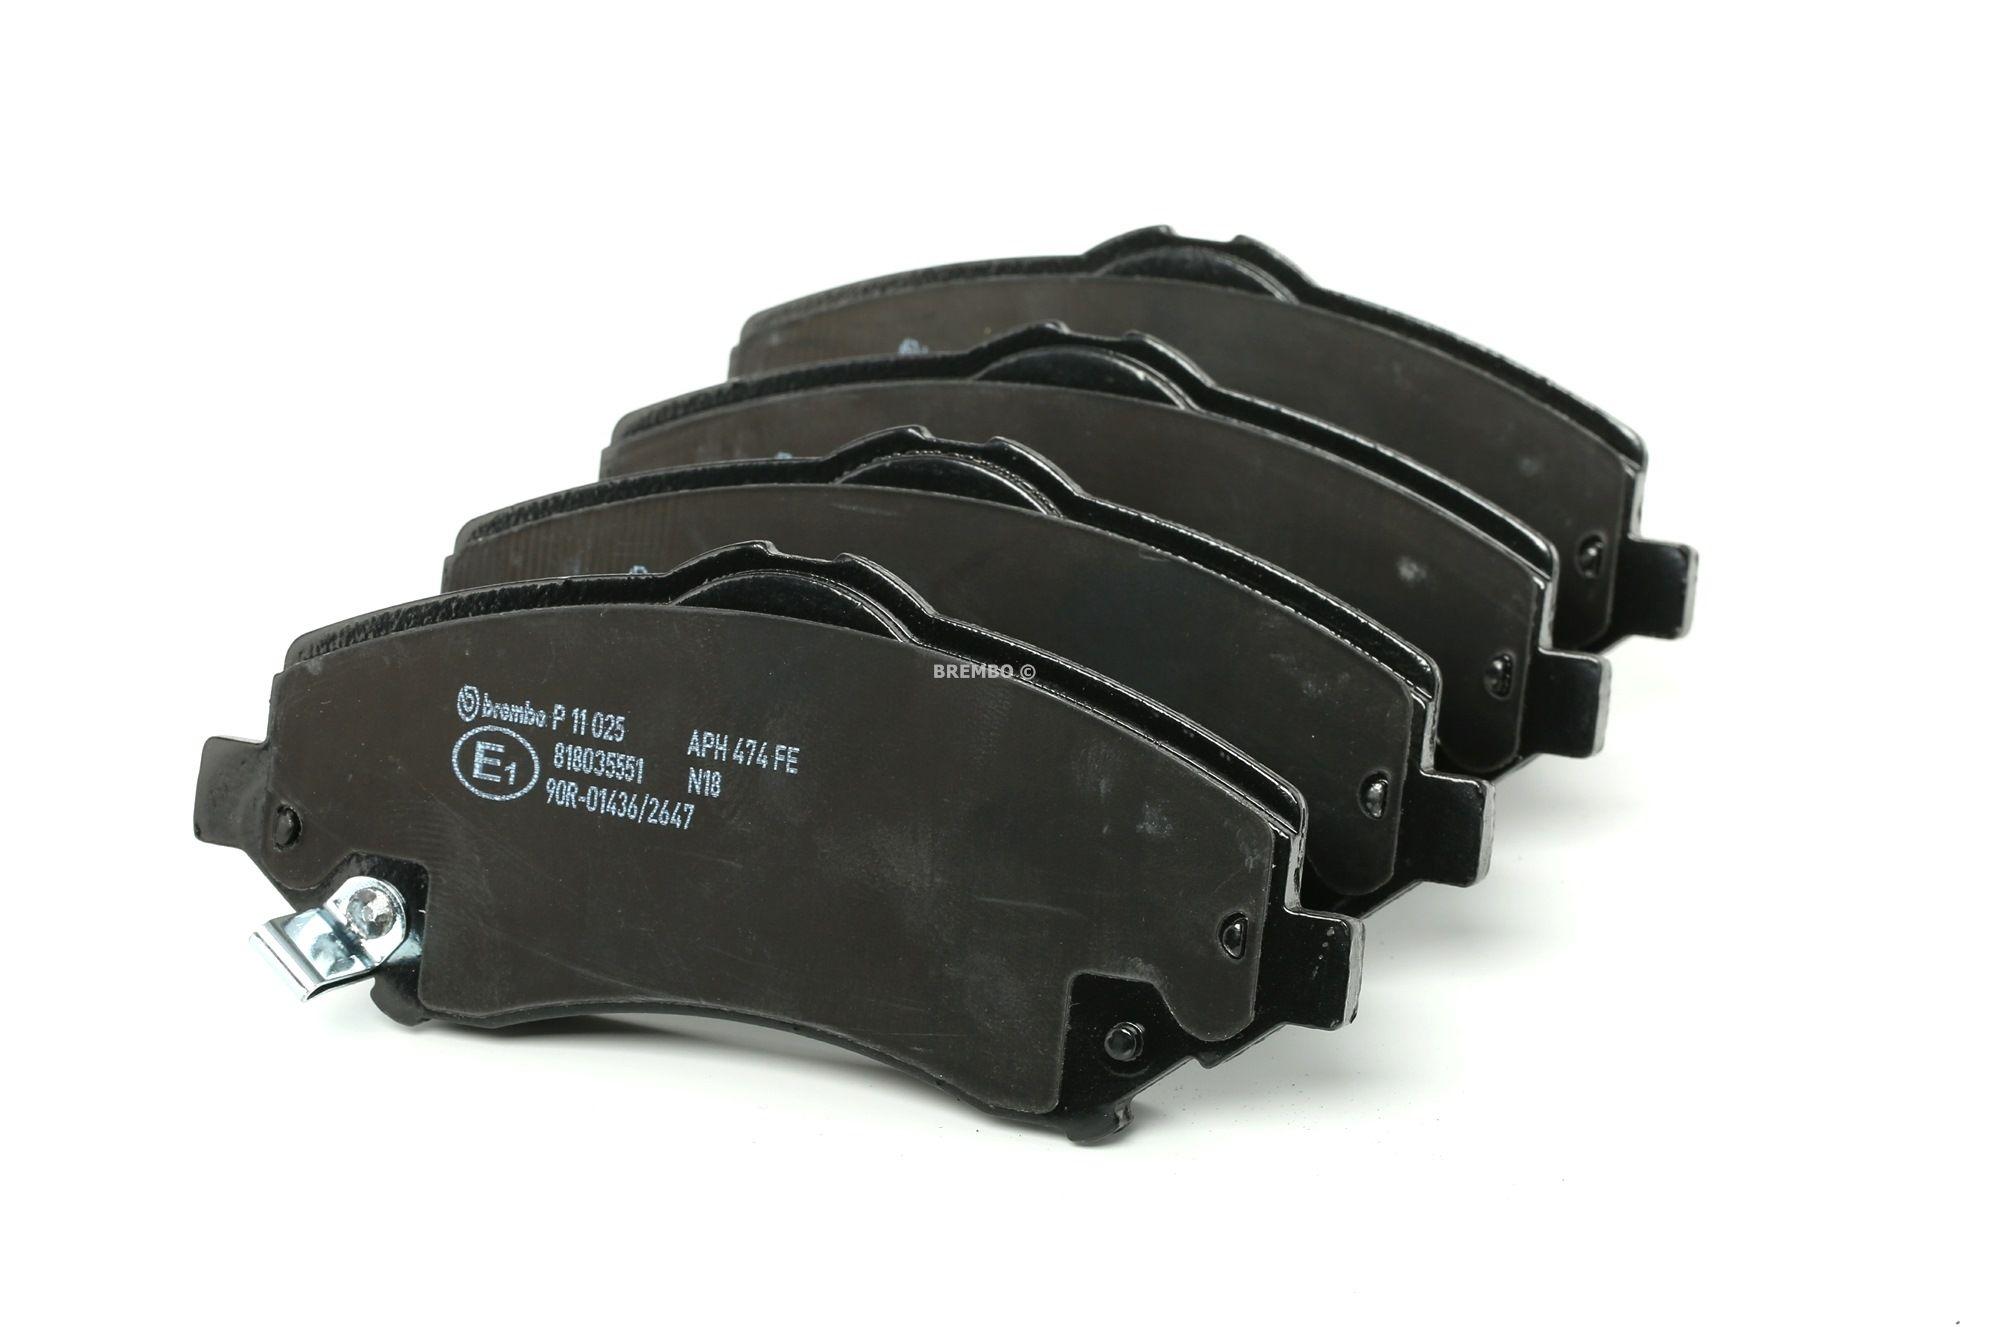 DODGE JOURNEY 2020 Bremsbelagsatz - Original BREMBO P 11 025 Höhe: 63,4mm, Breite: 146,6mm, Dicke/Stärke: 18,5mm